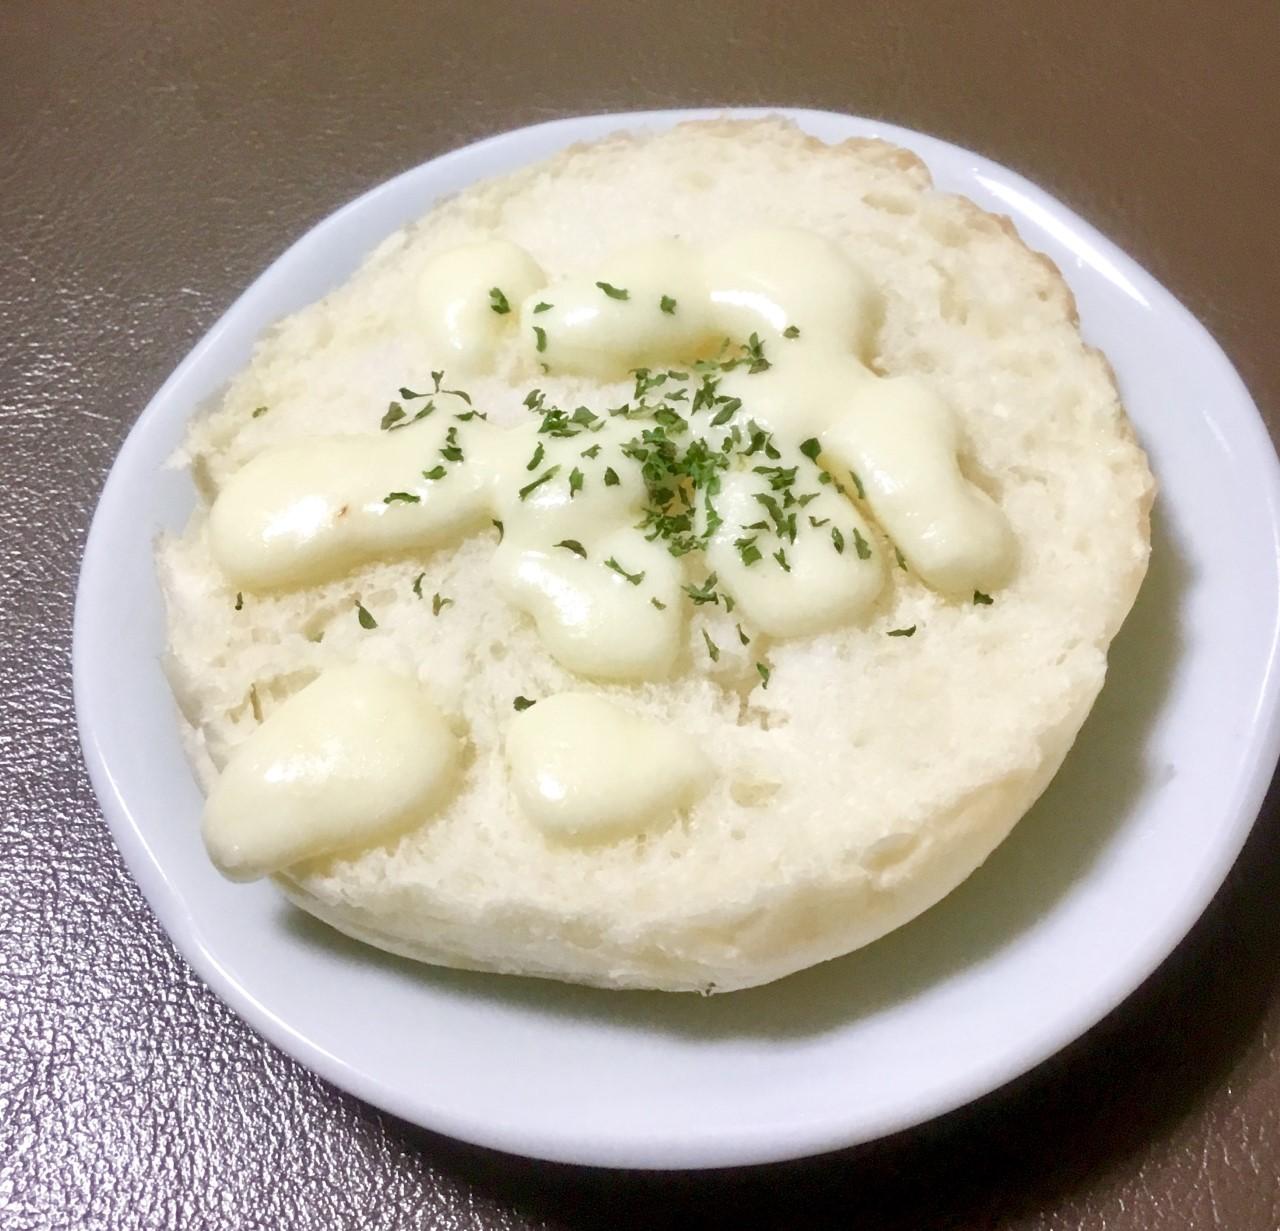 フレッシュチーズとソフトクリームのニセコチーズ工房